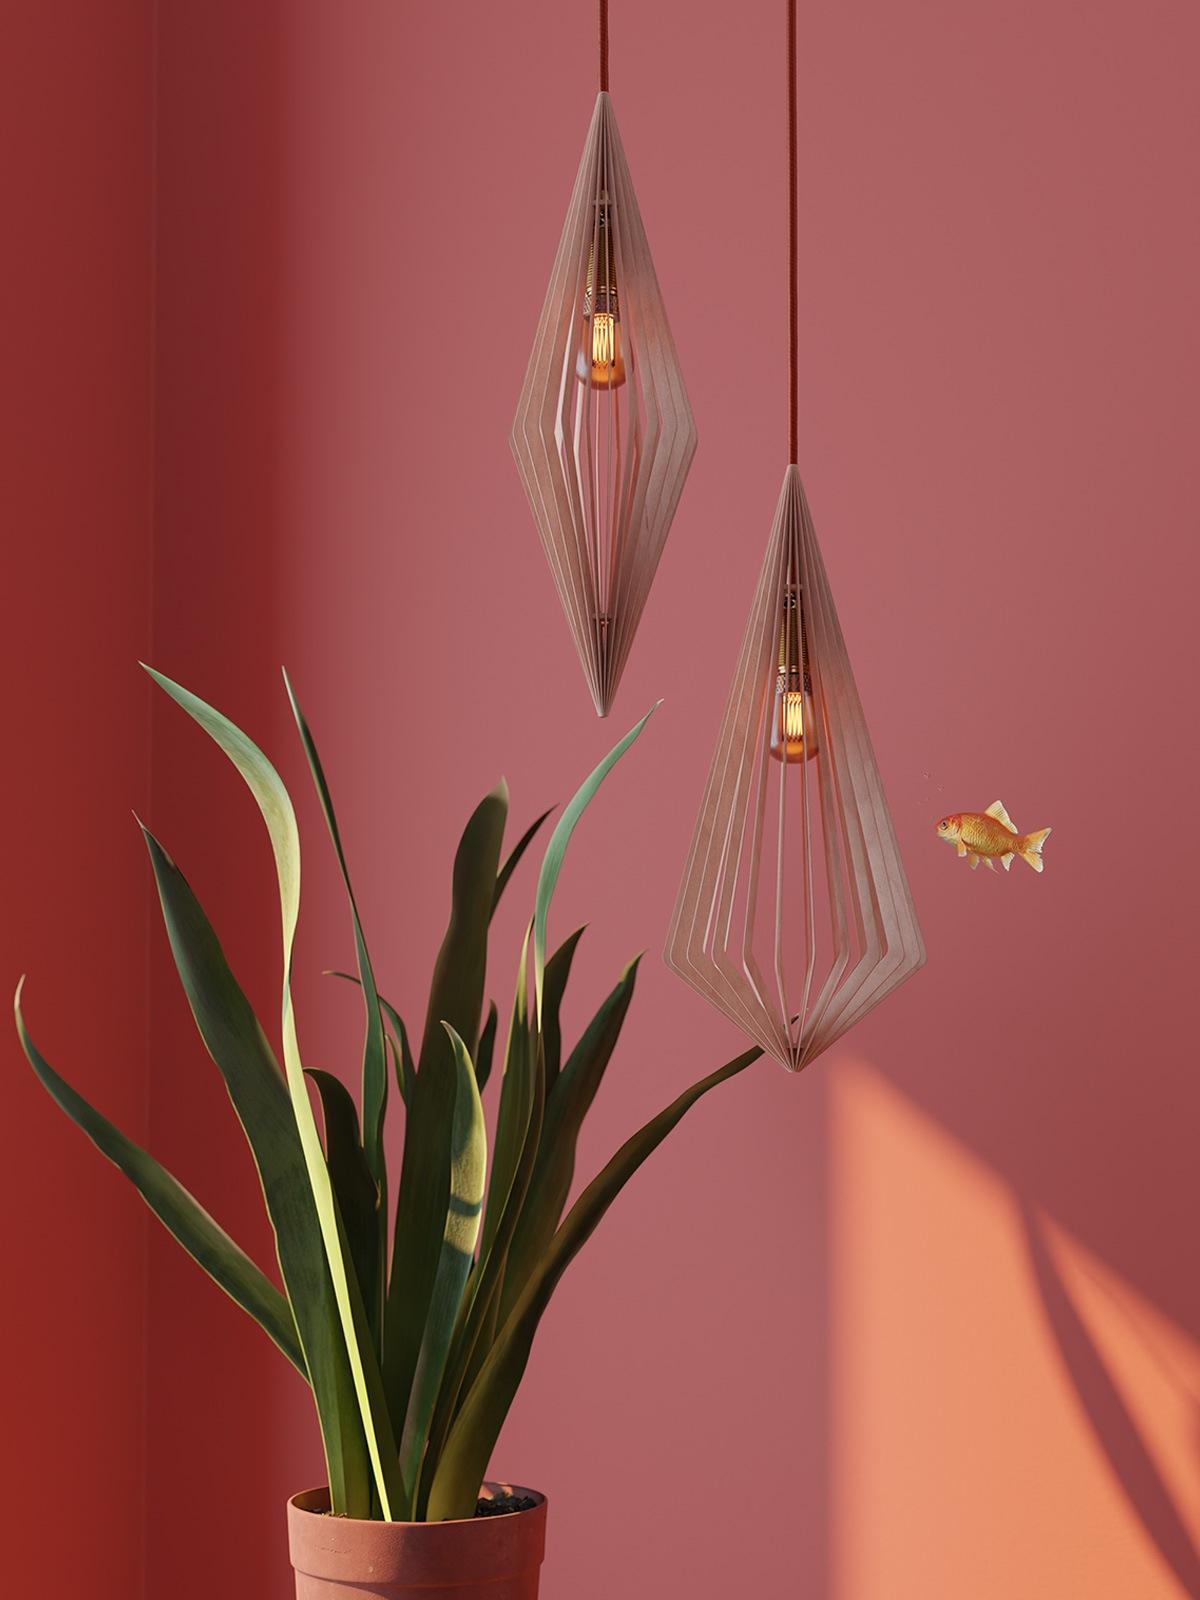 DesignOrt Lampen Blog MAERU Maari & Diam Pendel Leuchte Holz Designort Lampen Leuchten Berlin